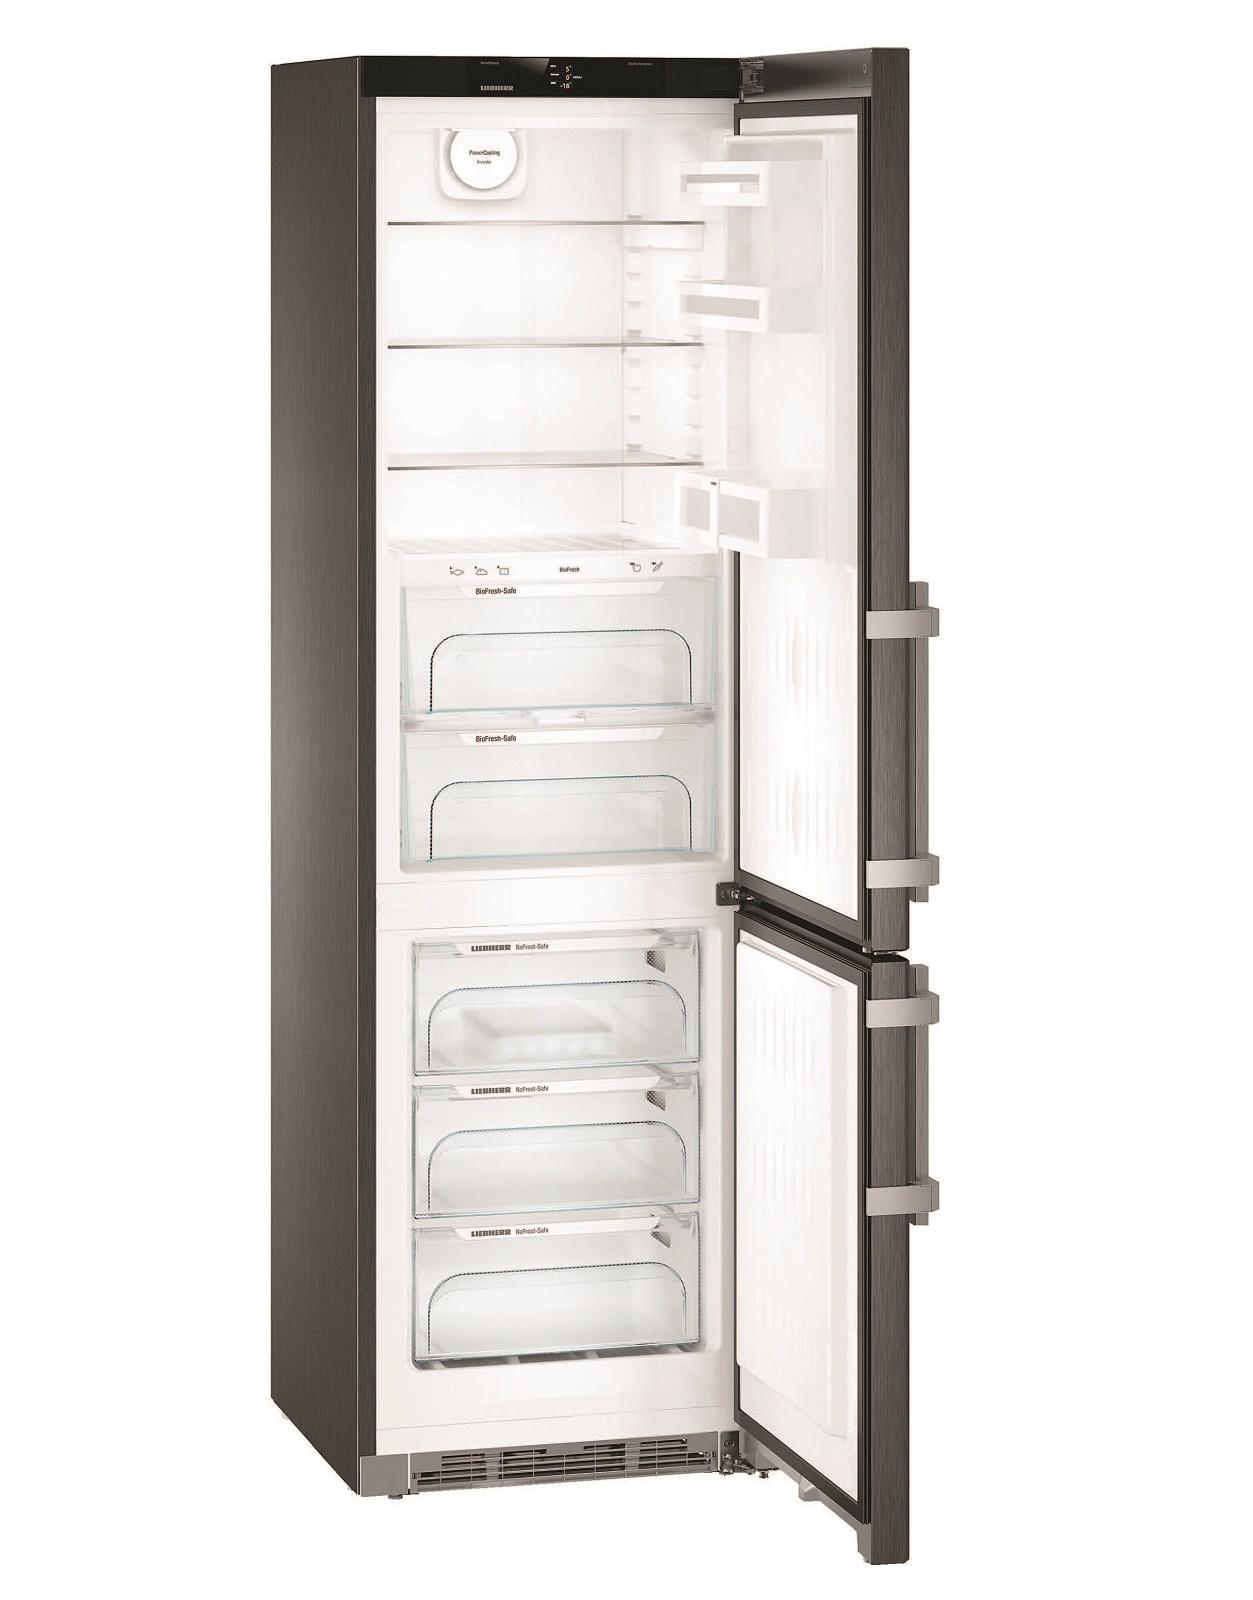 купить Двухкамерный холодильник Liebherr CBNbs 4835 Украина фото 1